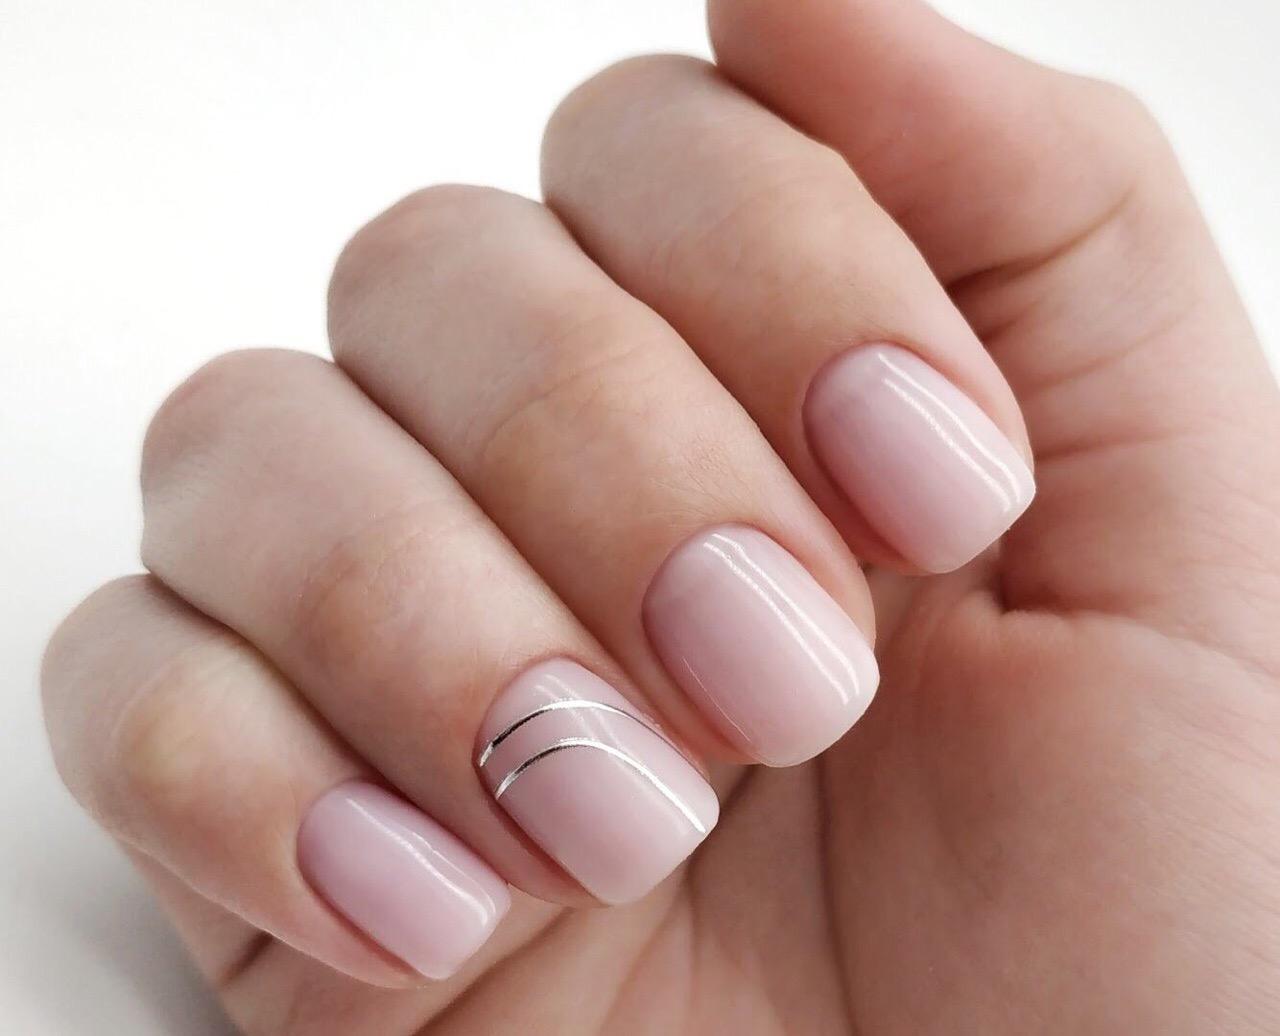 Ищу моделей на наращивание ногтей!